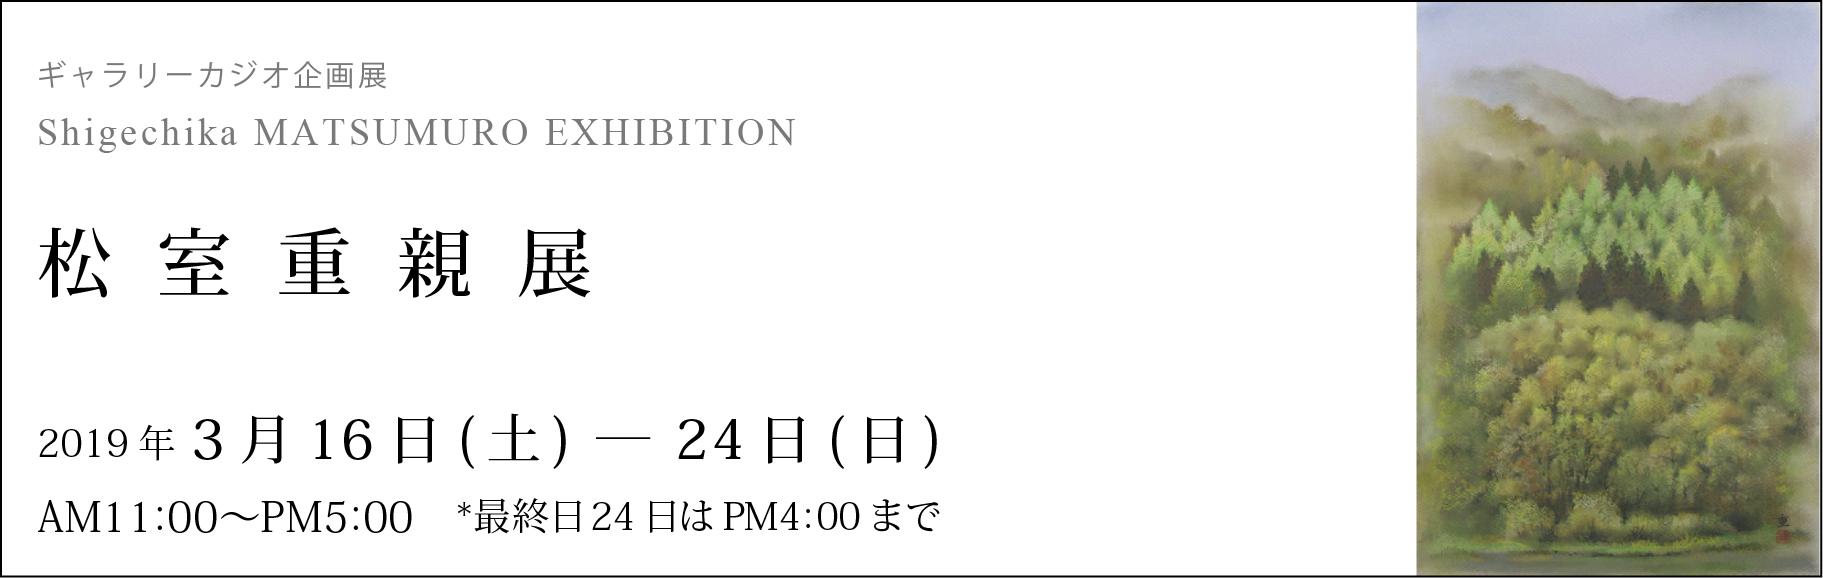 matsumuro_2019-03